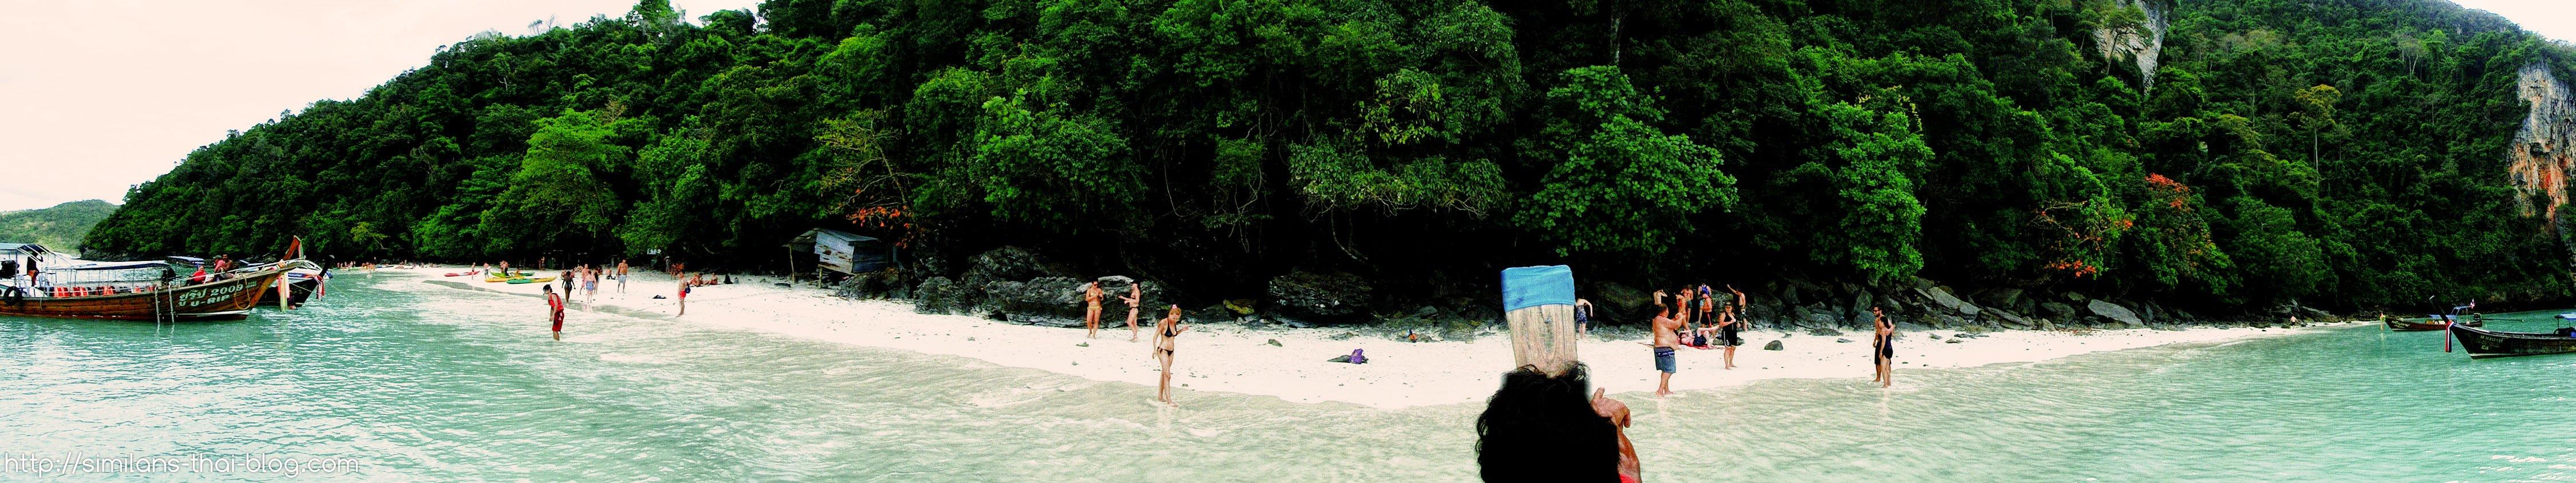 Monkey Island Mr K Ef Bf Bdse